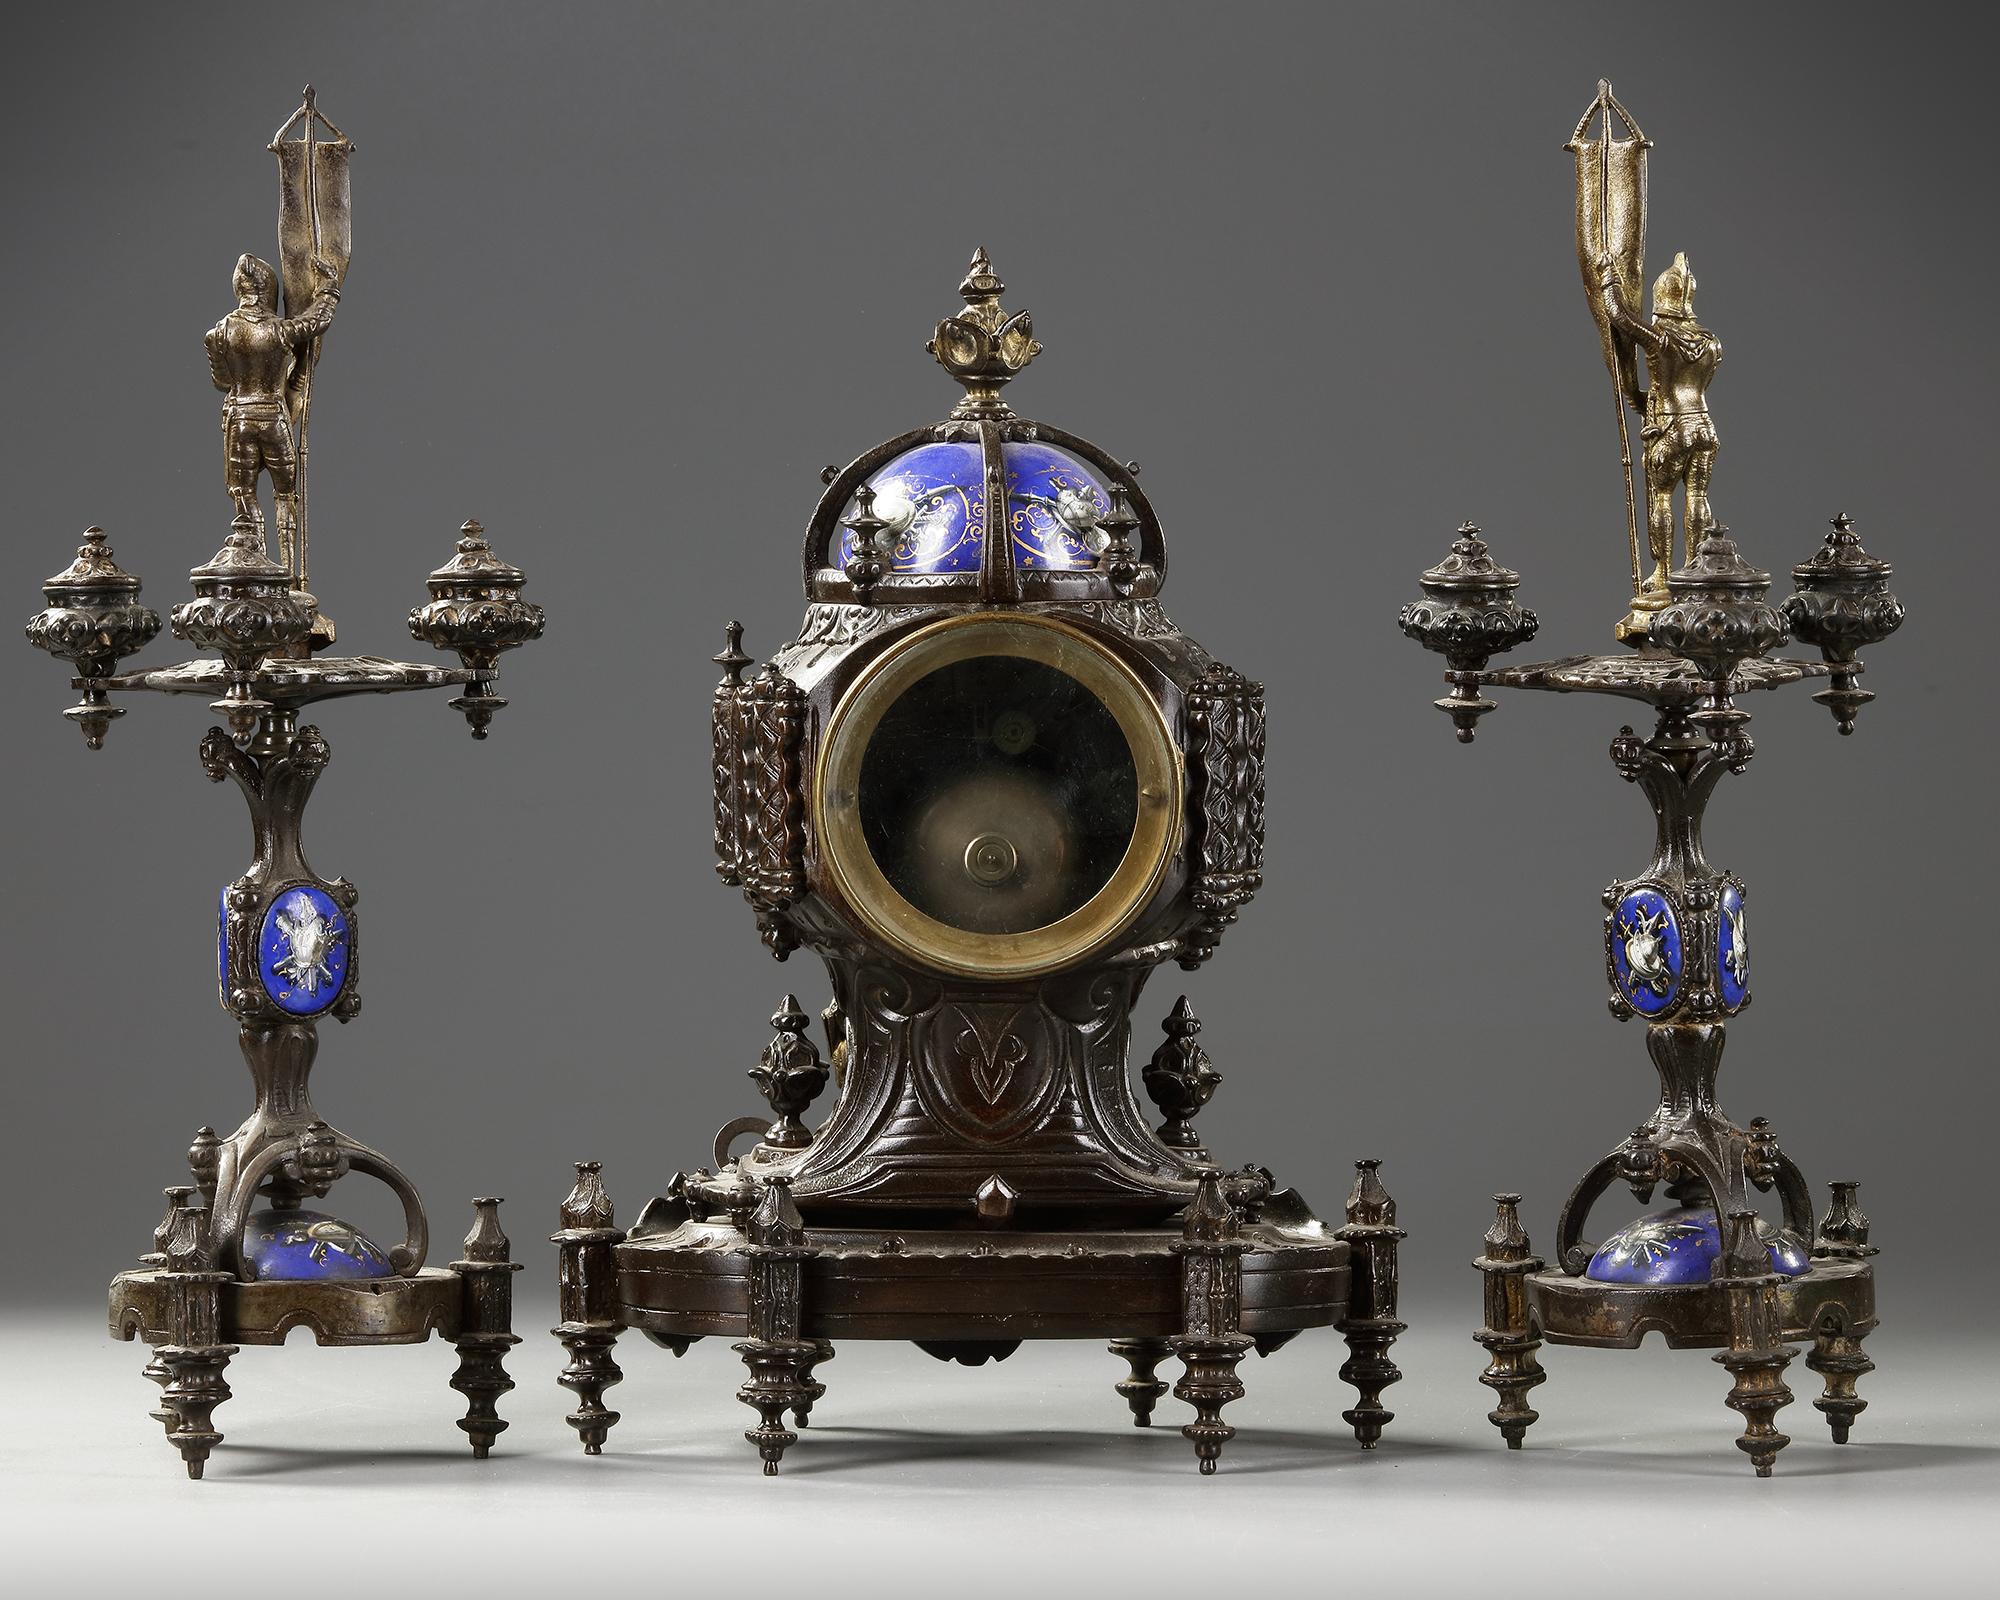 A CLOCK SET, 'VIOLET LE DUC' STYLE .CA 1870 - Image 3 of 4